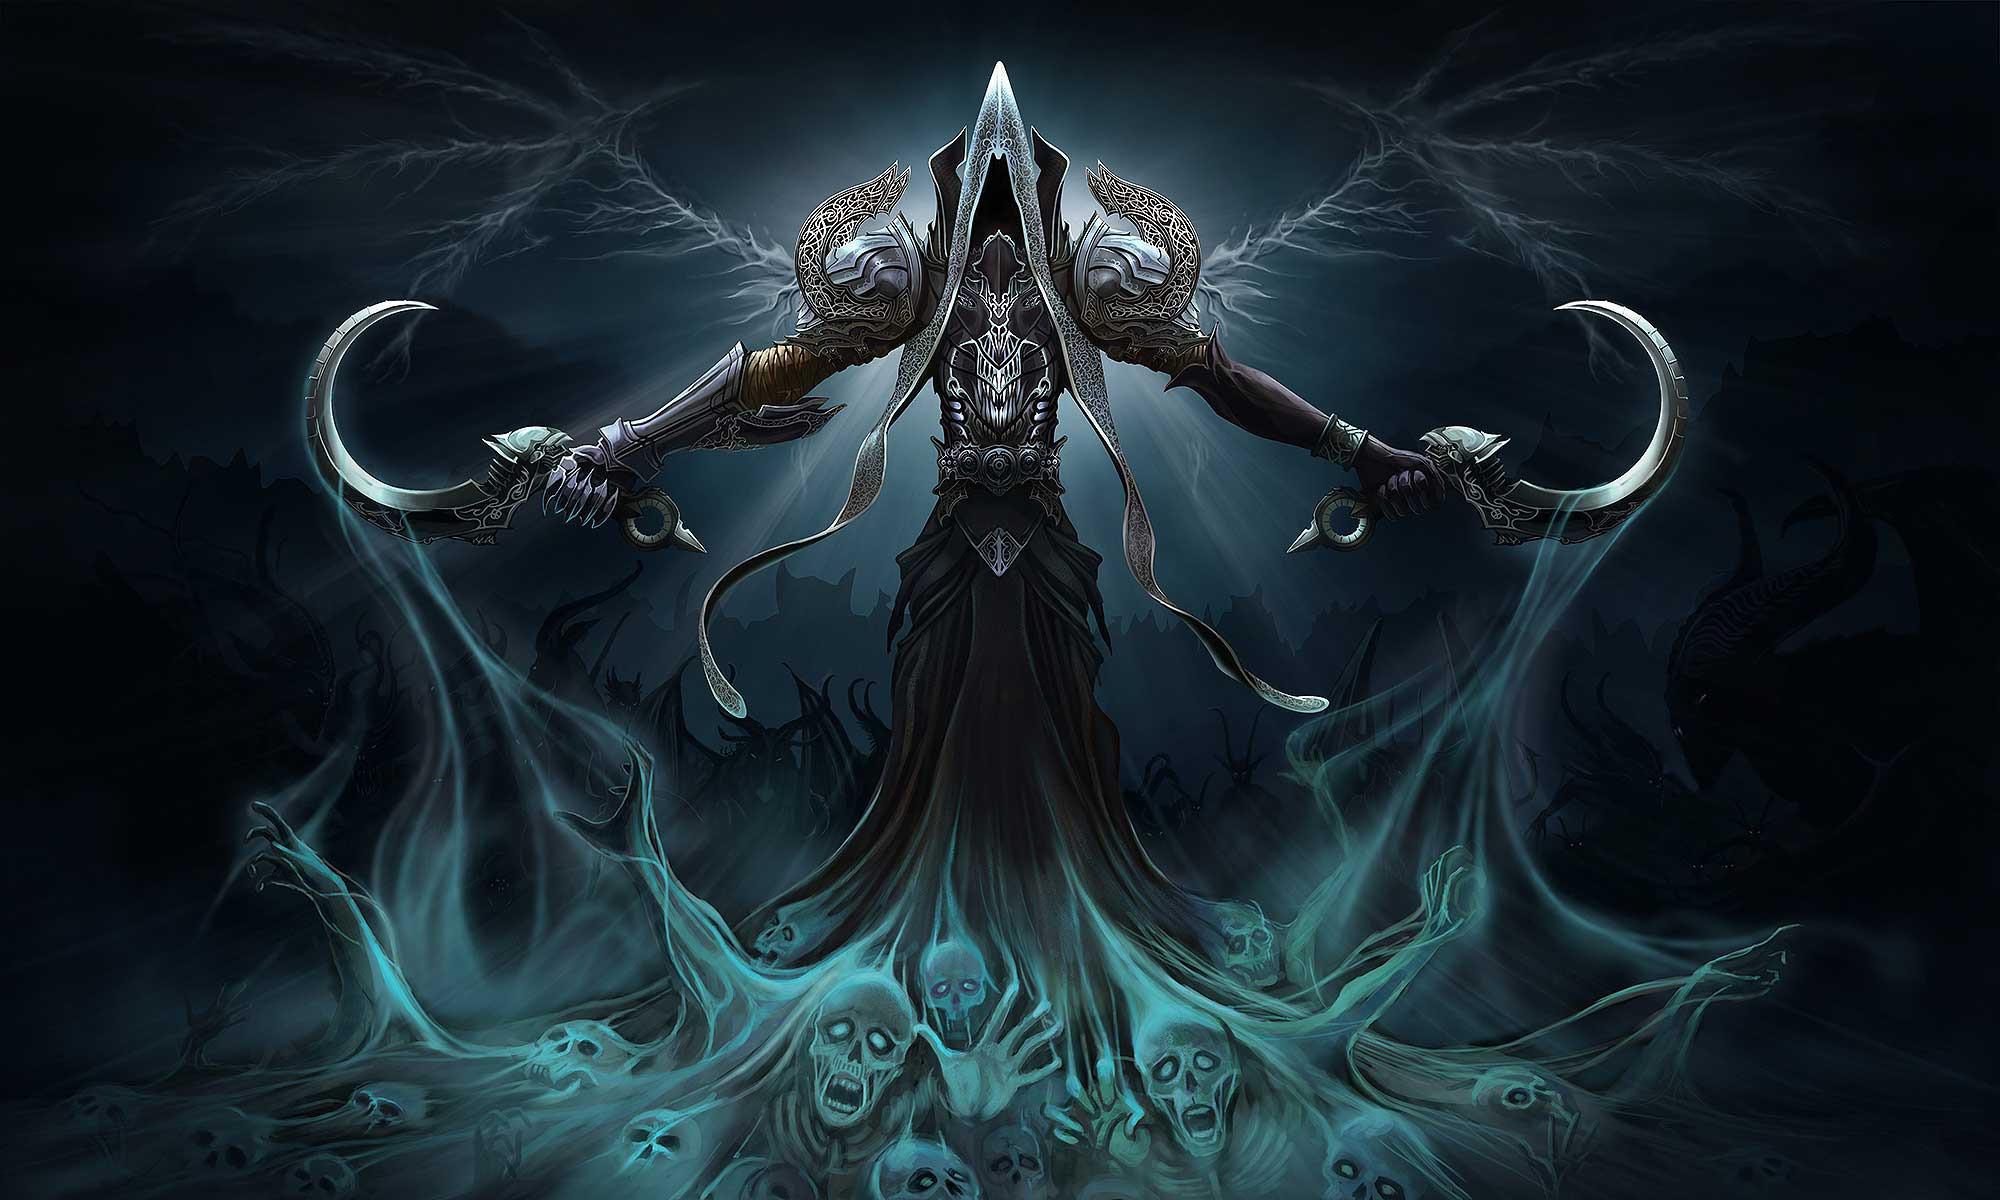 Diablo 3 Reaper of Souls Angel of Death Wallpaper